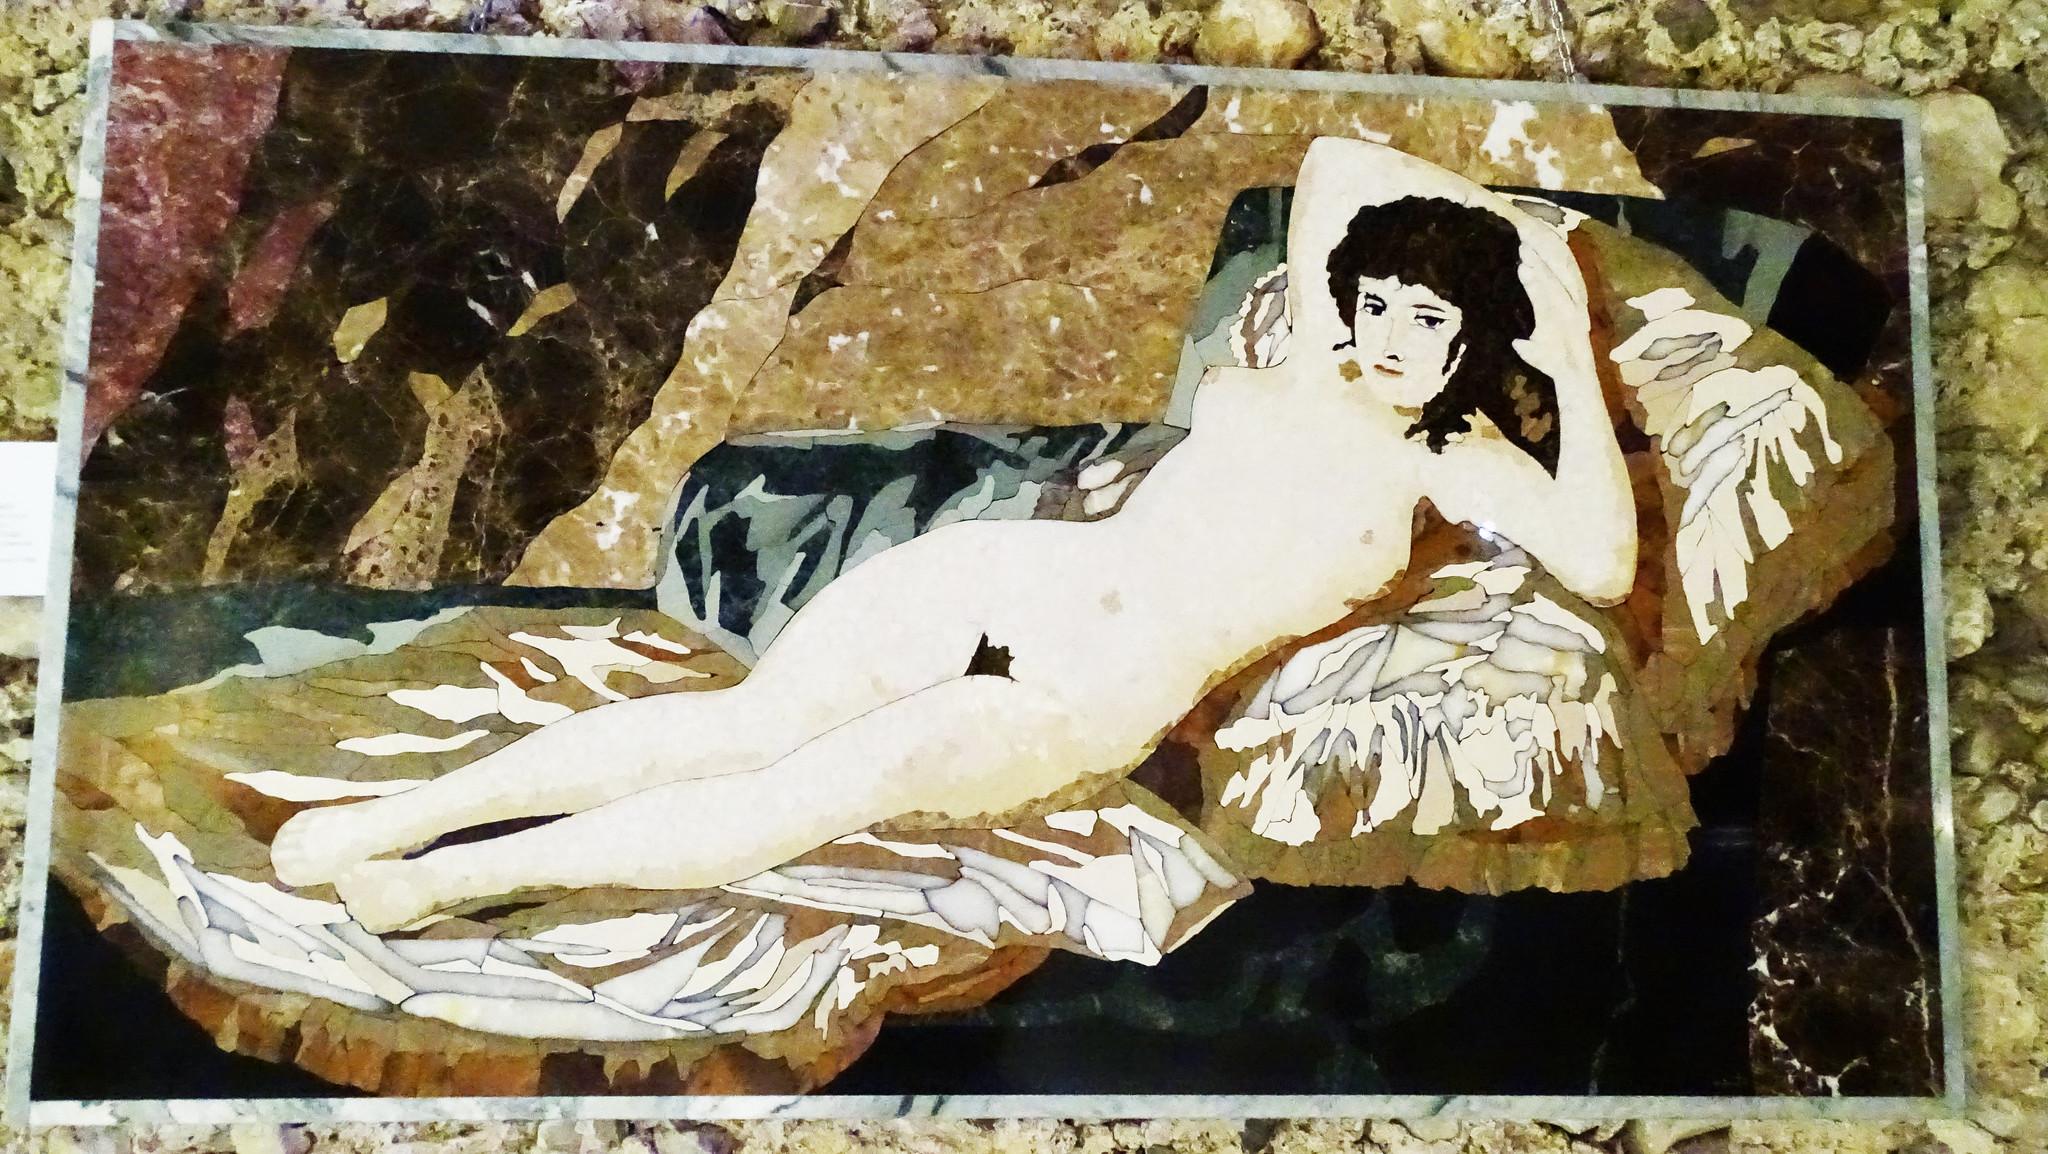 La pittura di pietra, dell'artista Enrico Pinto